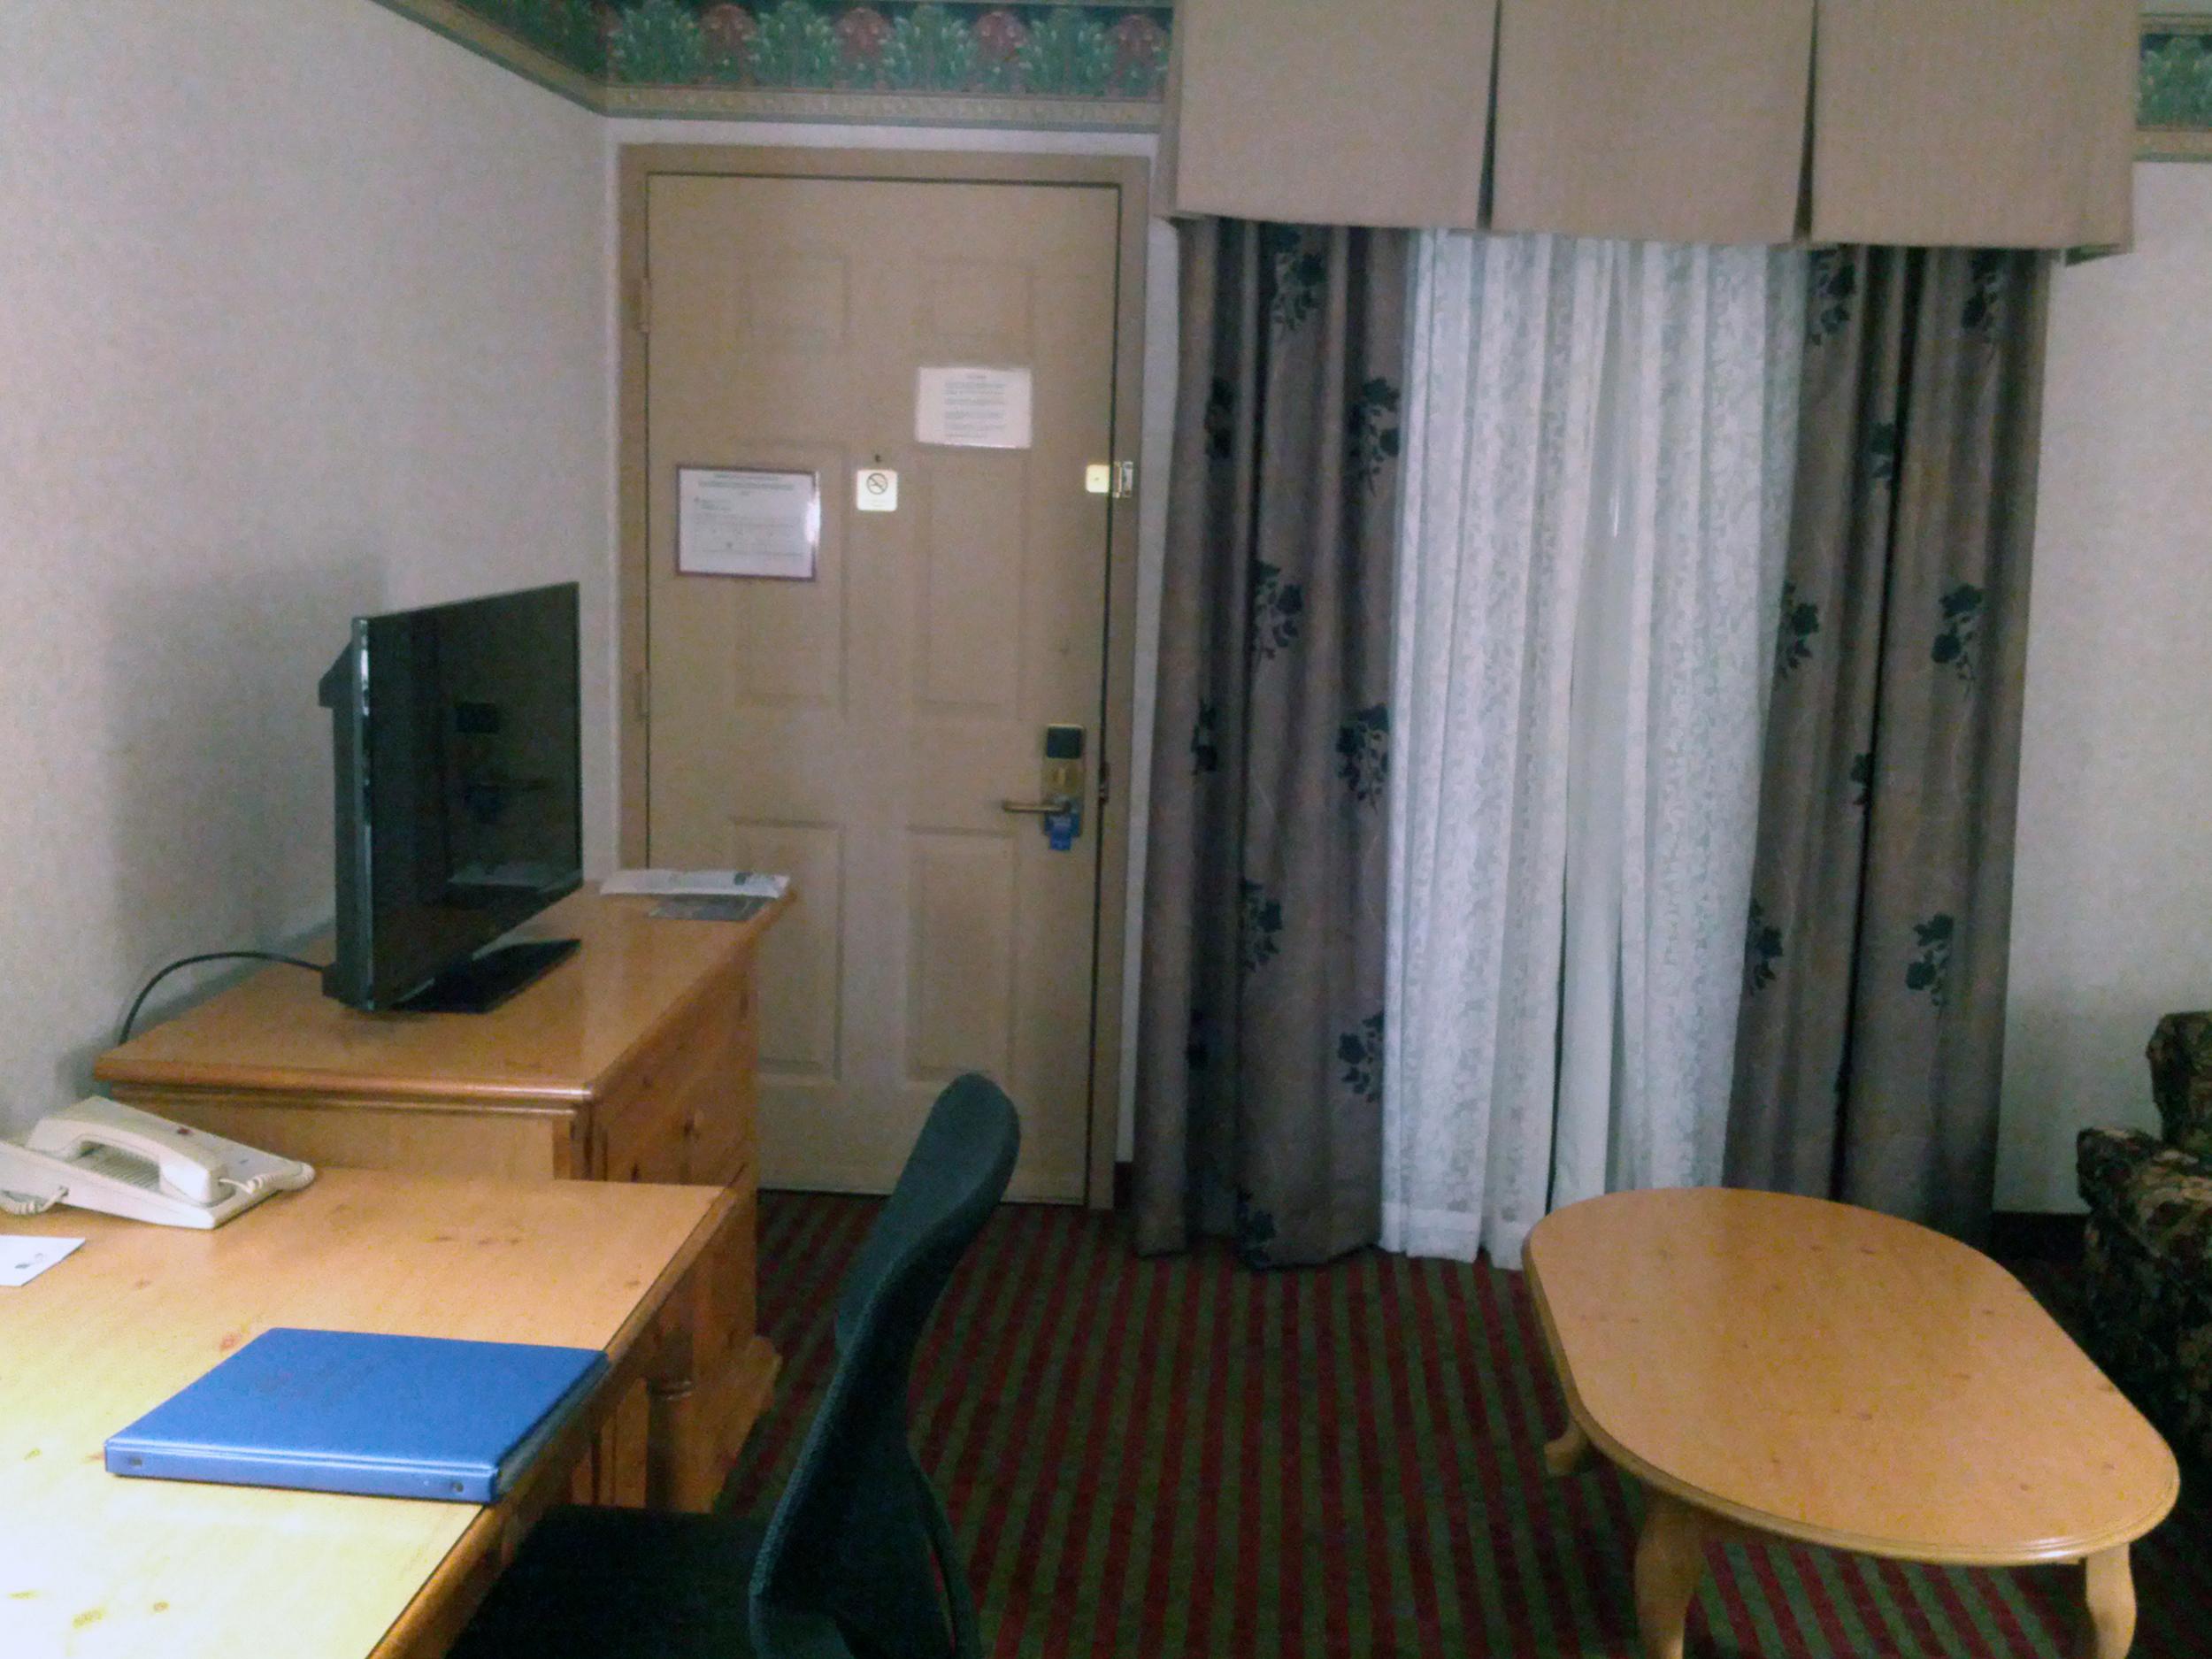 2013-09-19 Albuquerque Best Western Plus Executive Suites (1).jpg